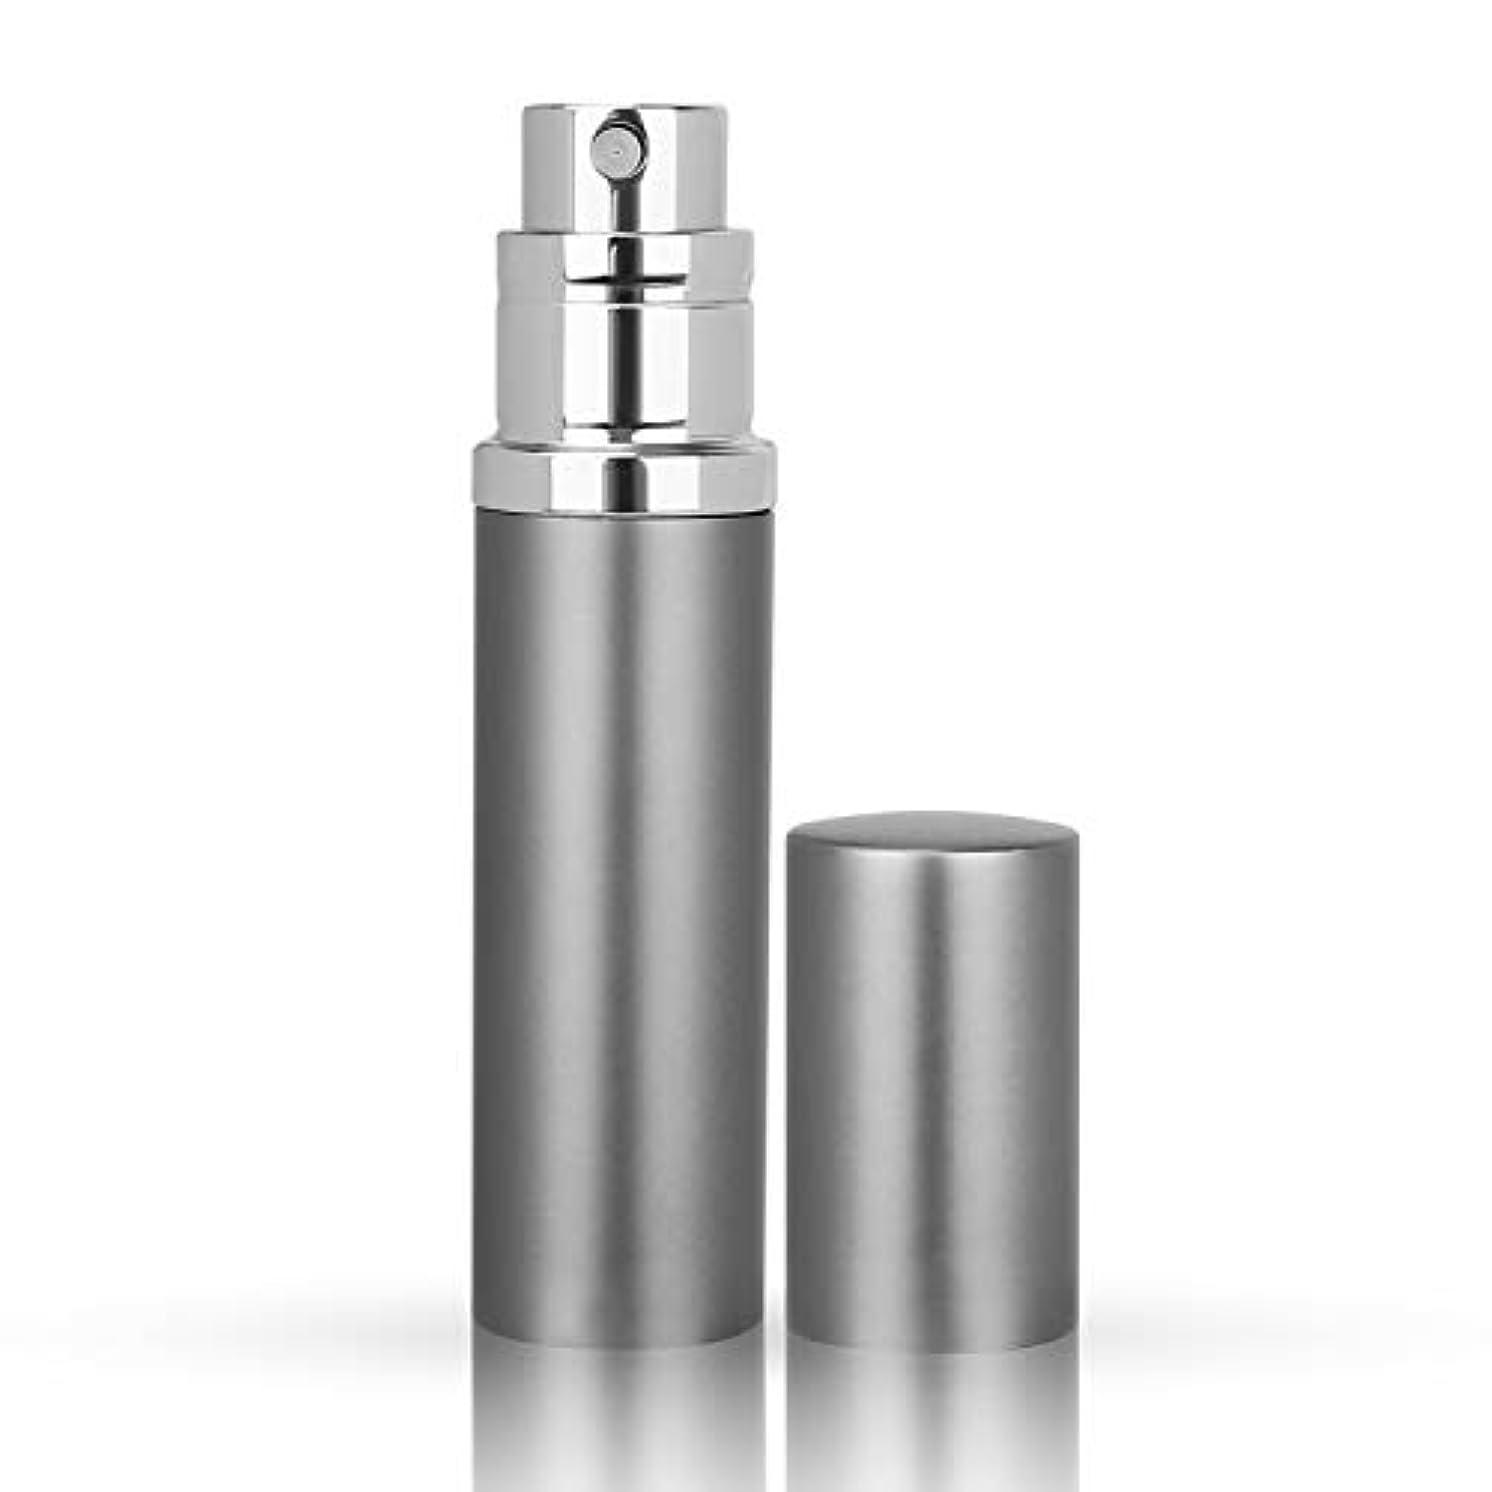 継続中用心するトーナメントMOOMU アトマイザー 香水スプレー 噴霧器 詰め替え容器 底部充填方式 携帯用5ml (シルバー Silver)